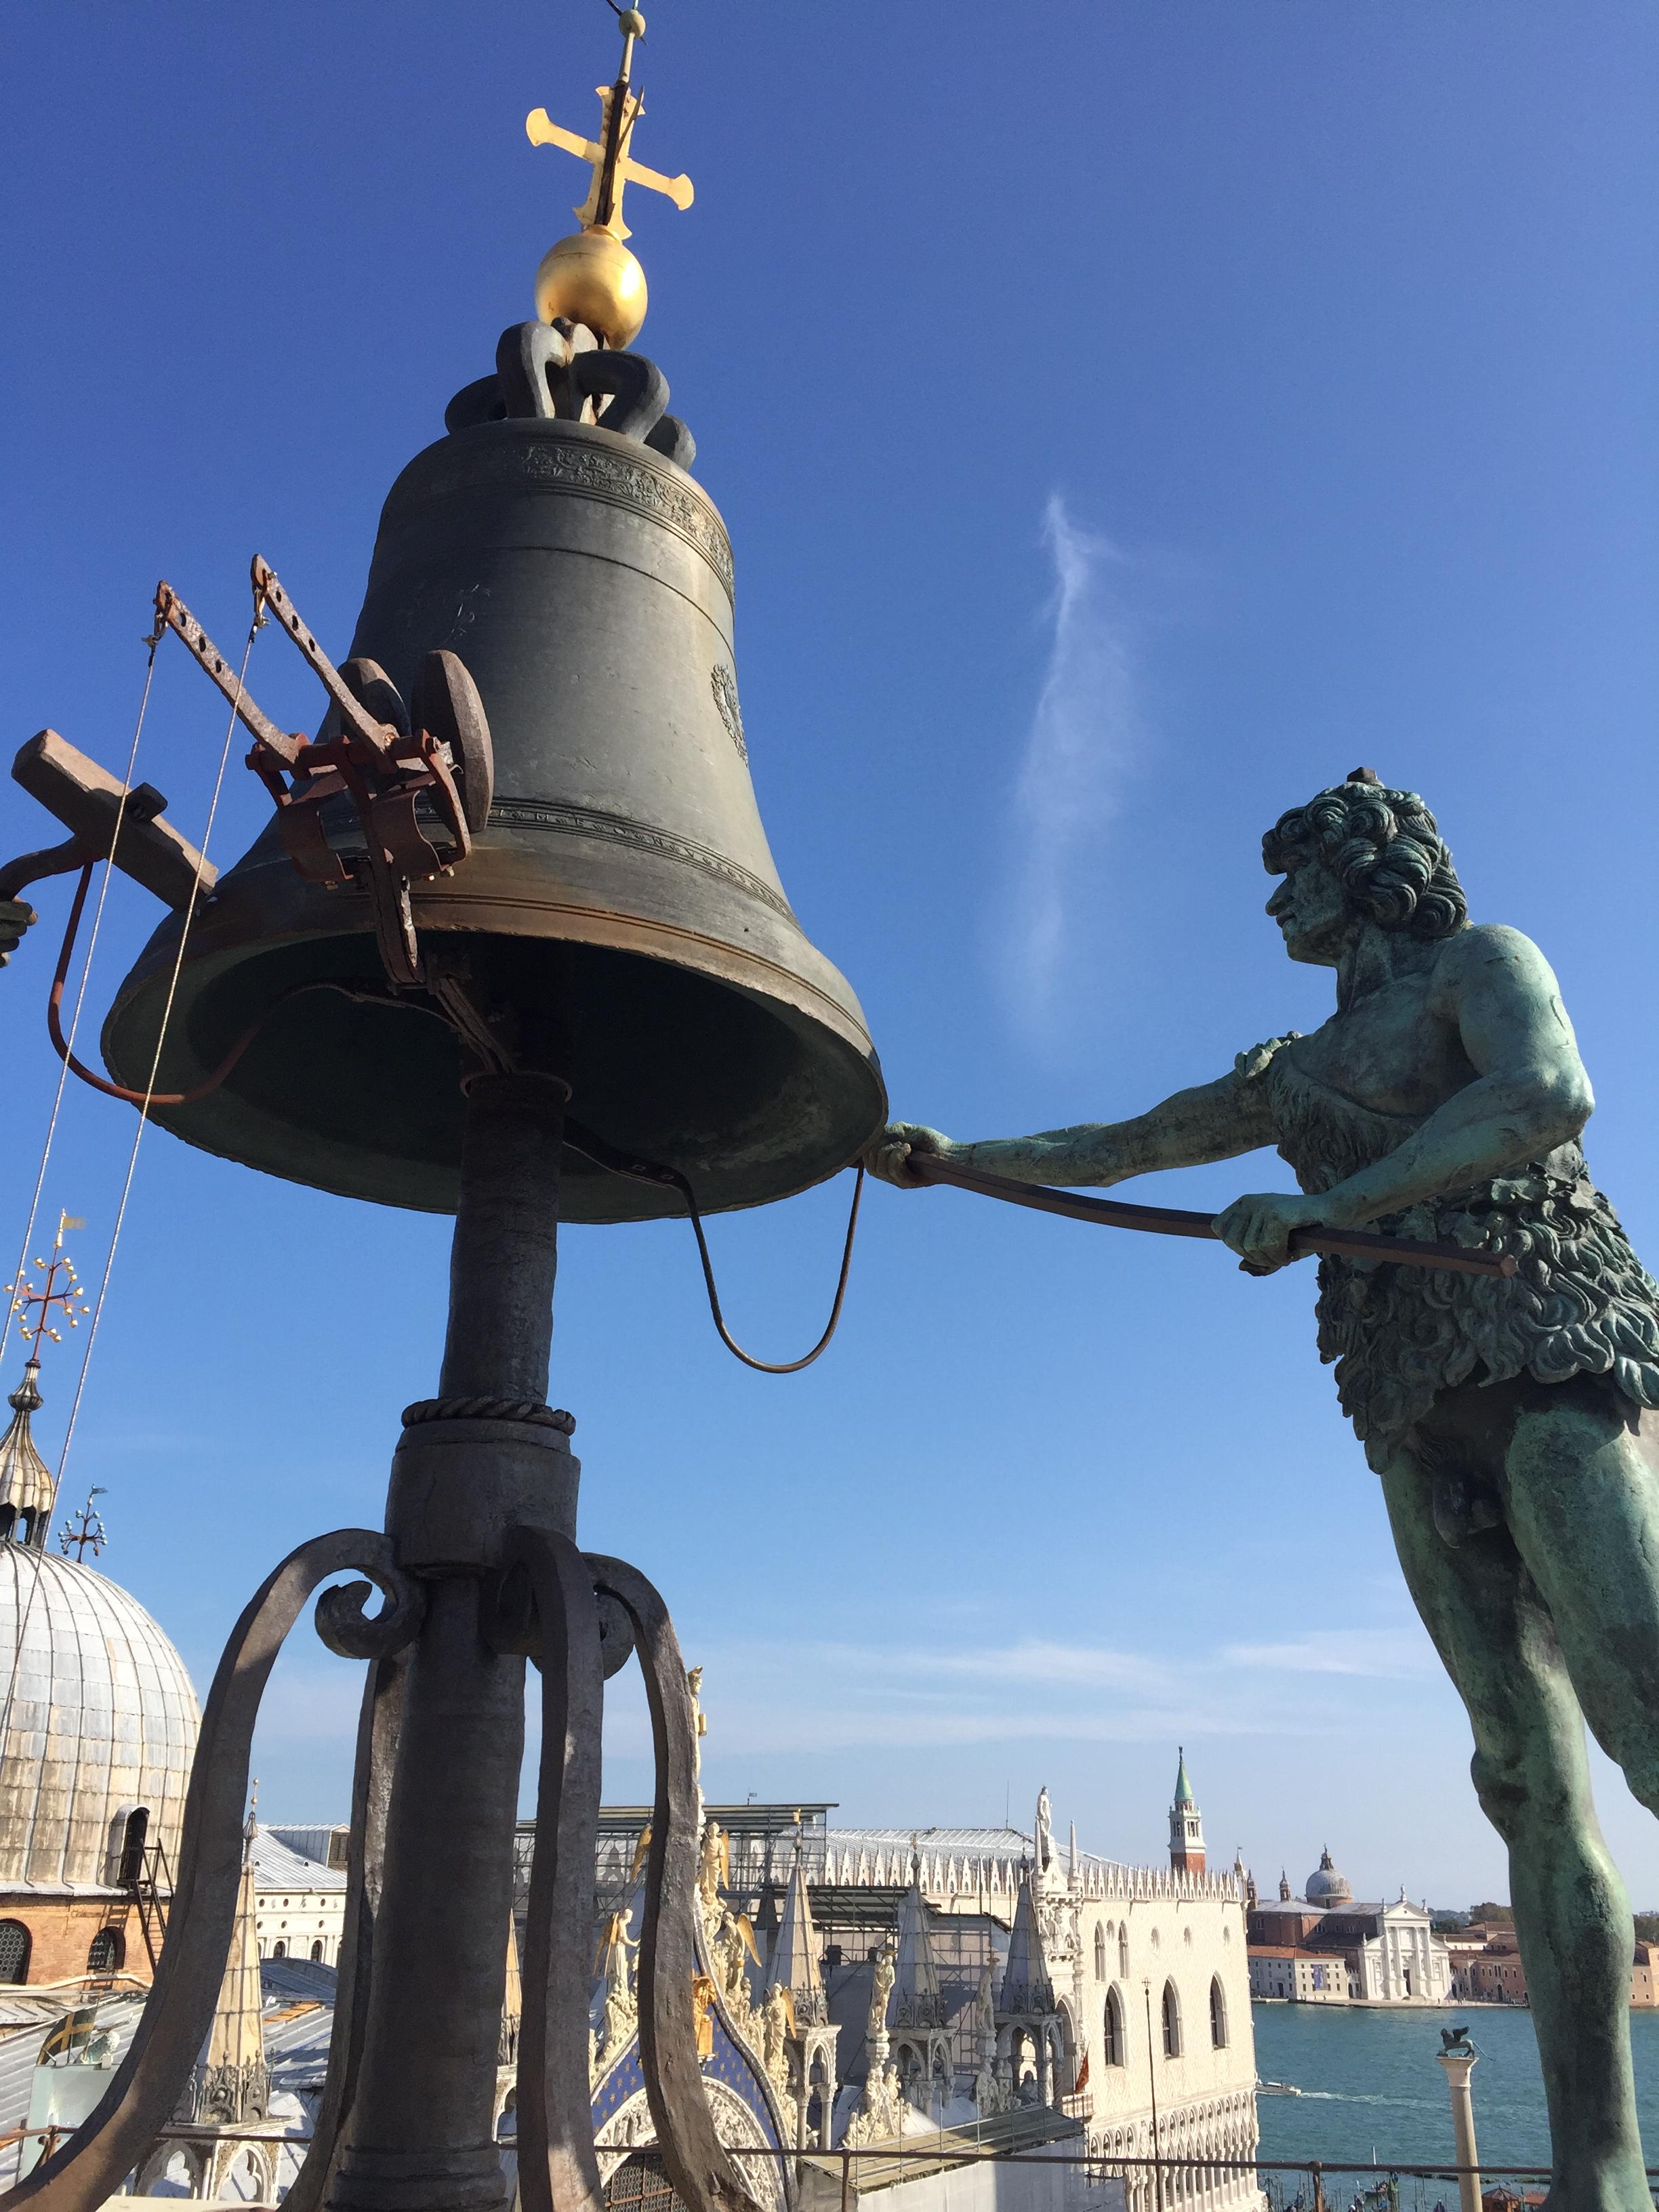 img 1567 - Subiendo al reloj astronómico de Venecia y Panoramica de la Piazza San Marcos